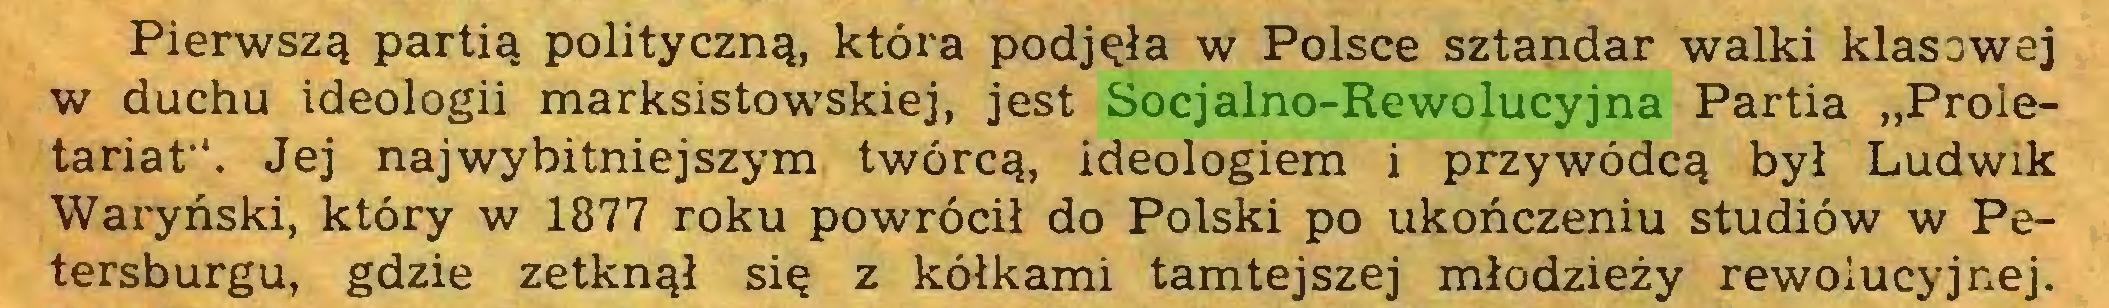 """(...) Pierwszą partią polityczną, która podjęła w Polsce sztandar walki klasowej w duchu ideologii marksistowskiej, jest Socjalno-Rewolucyjna Partia """"Proletariat"""". Jej najwybitniejszym twórcą, ideologiem i przywódcą był Ludwik Waryński, który w 1877 roku powrócił do Polski po ukończeniu studiów w Petersburgu, gdzie zetknął się z kółkami tamtejszej młodzieży rewolucyjnej..."""